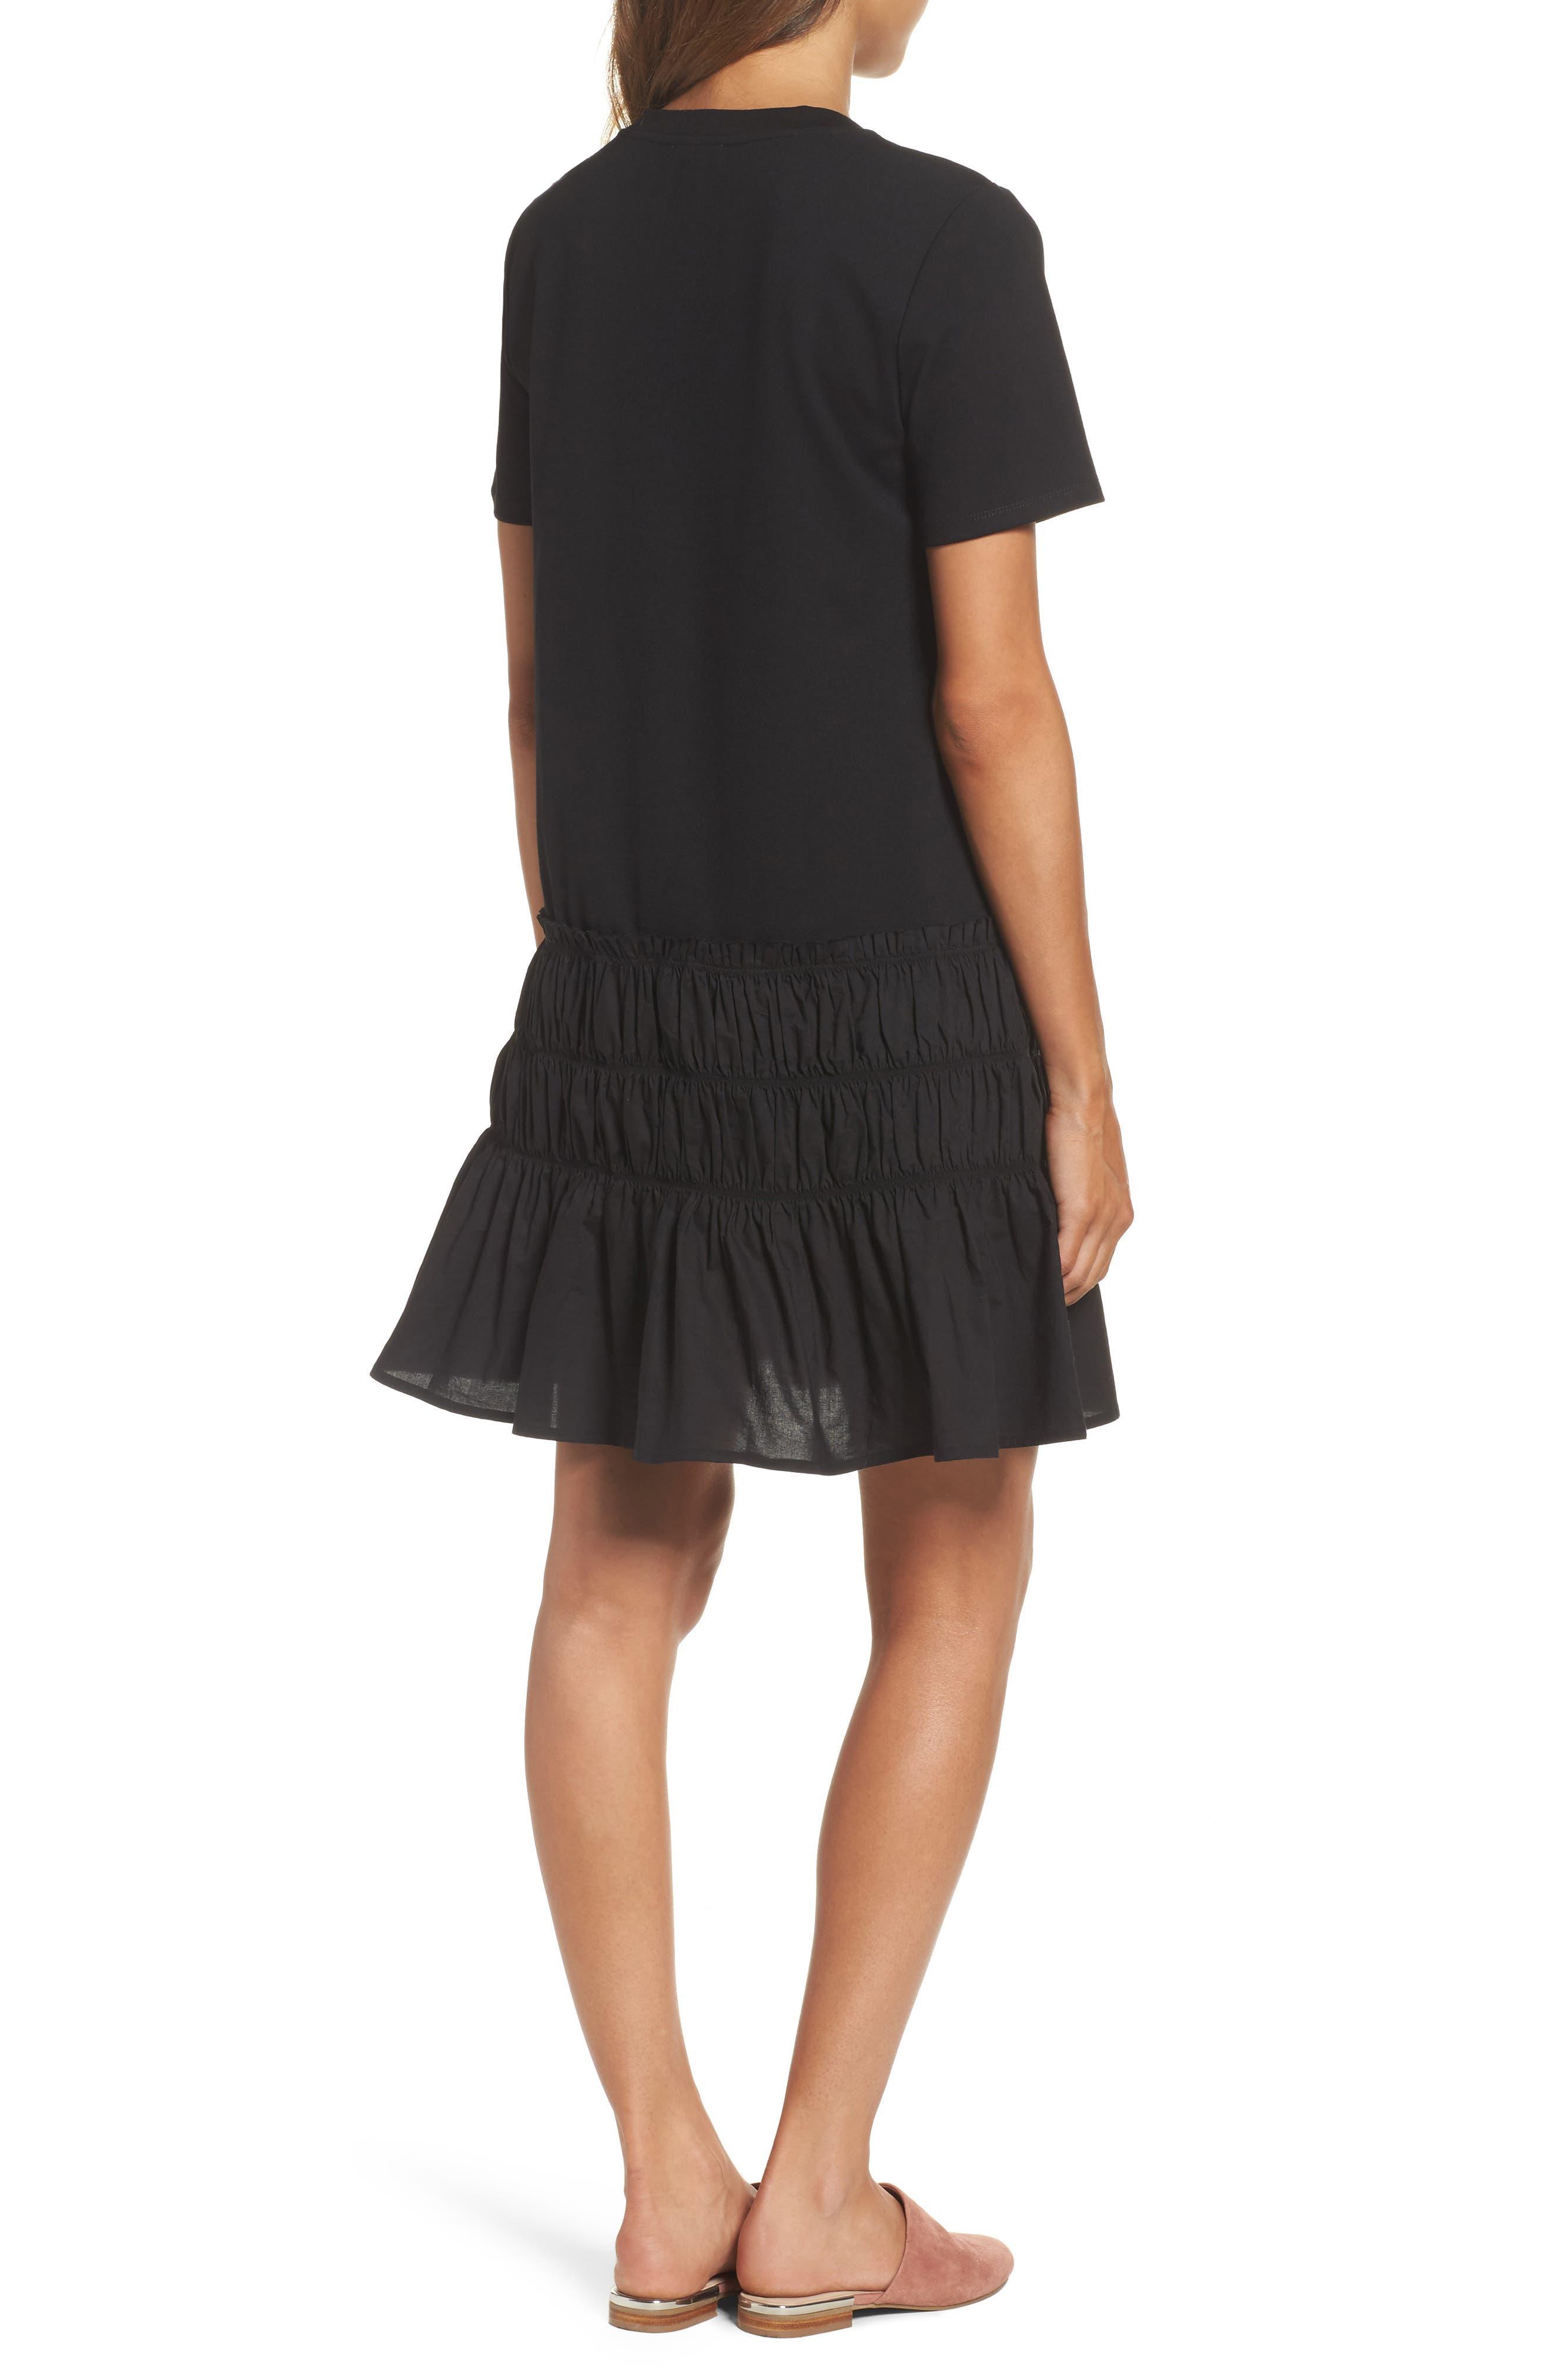 Alternate Image 2  - Chelsea28 Smocked T-Shirt Dress